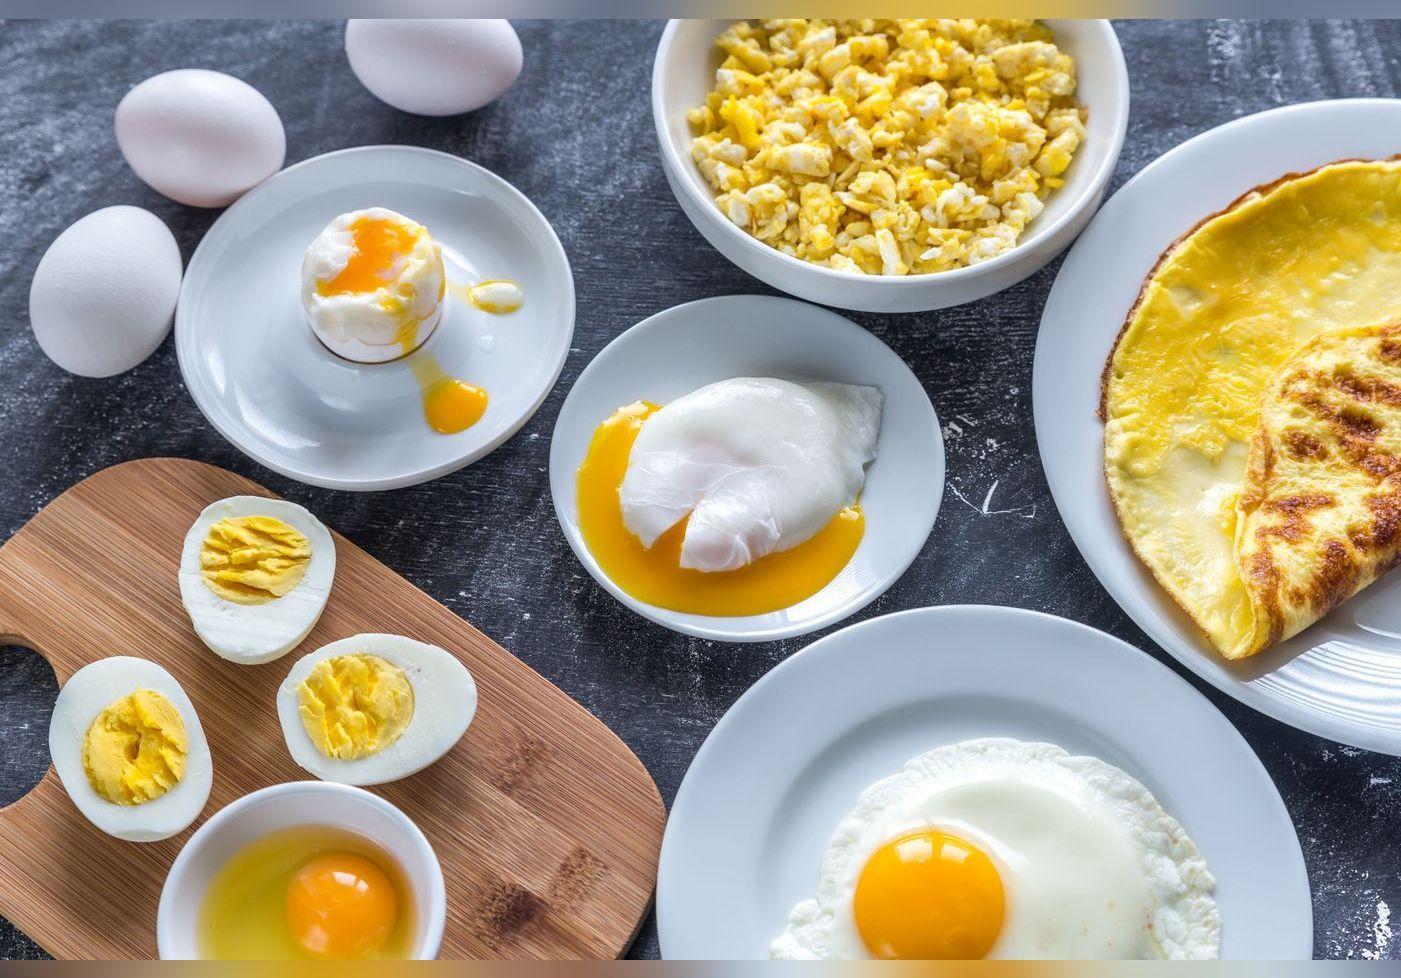 les œufs sont-ils bons pour votre ligne